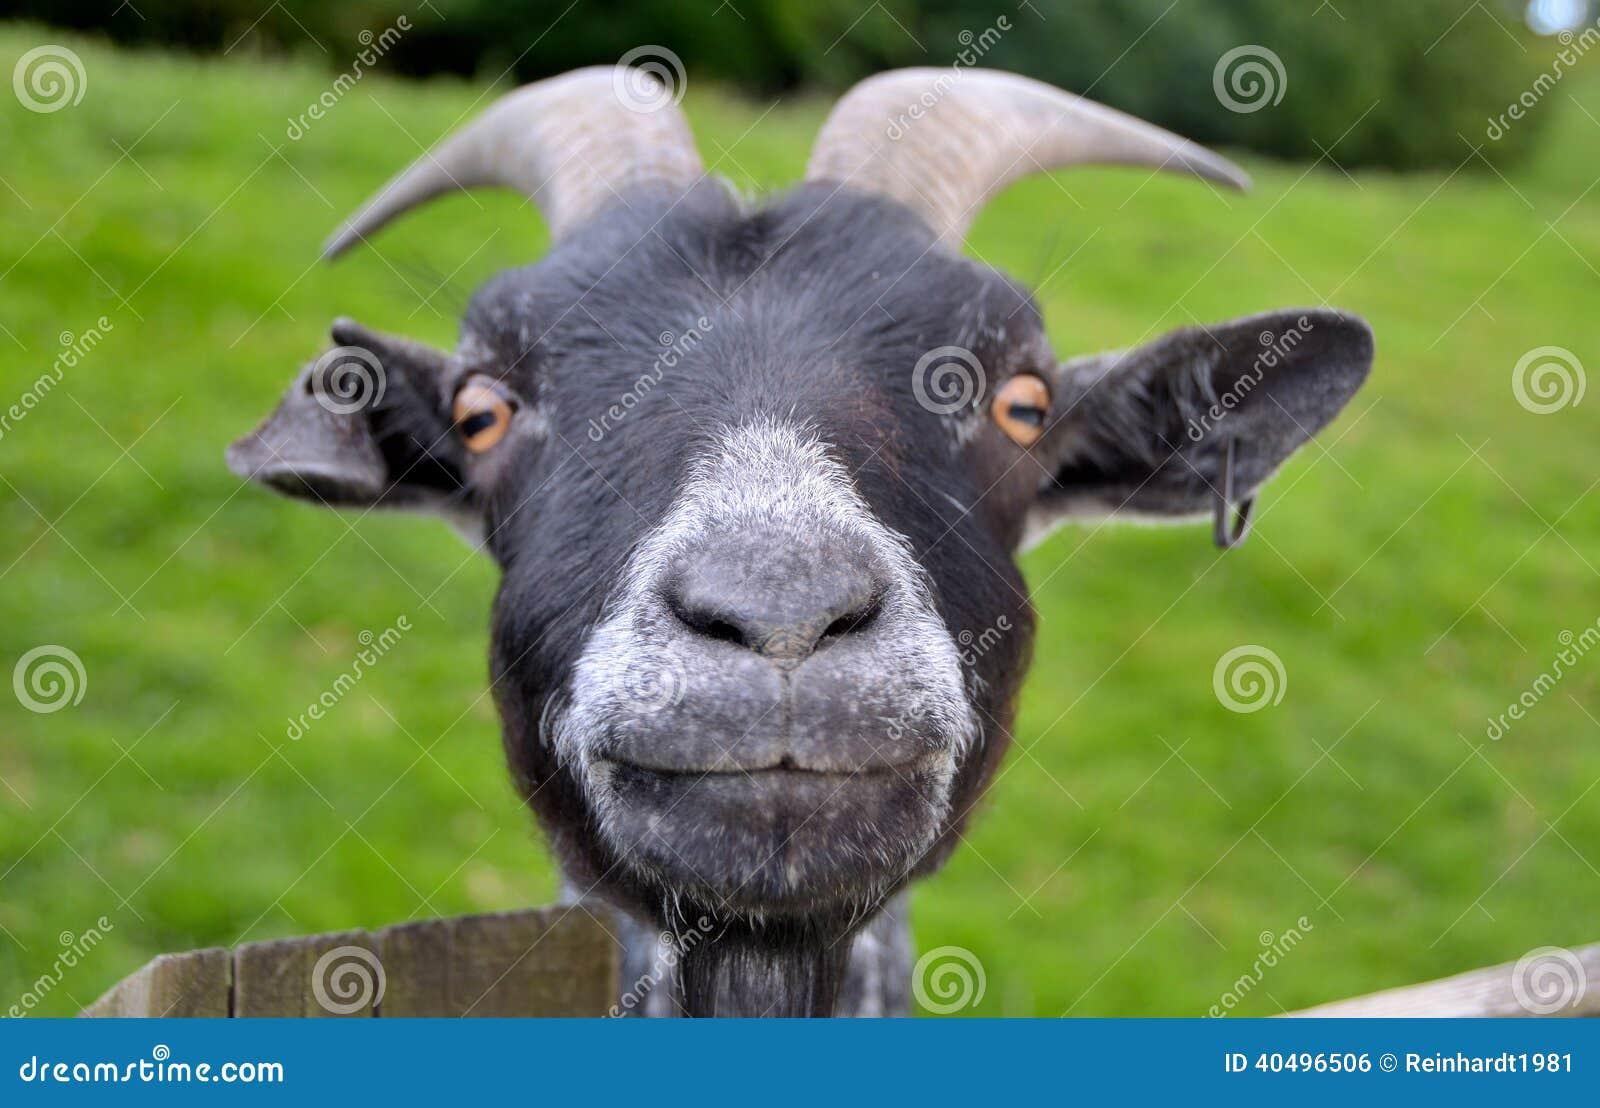 Funny Goat Stock Photo Image 40496506